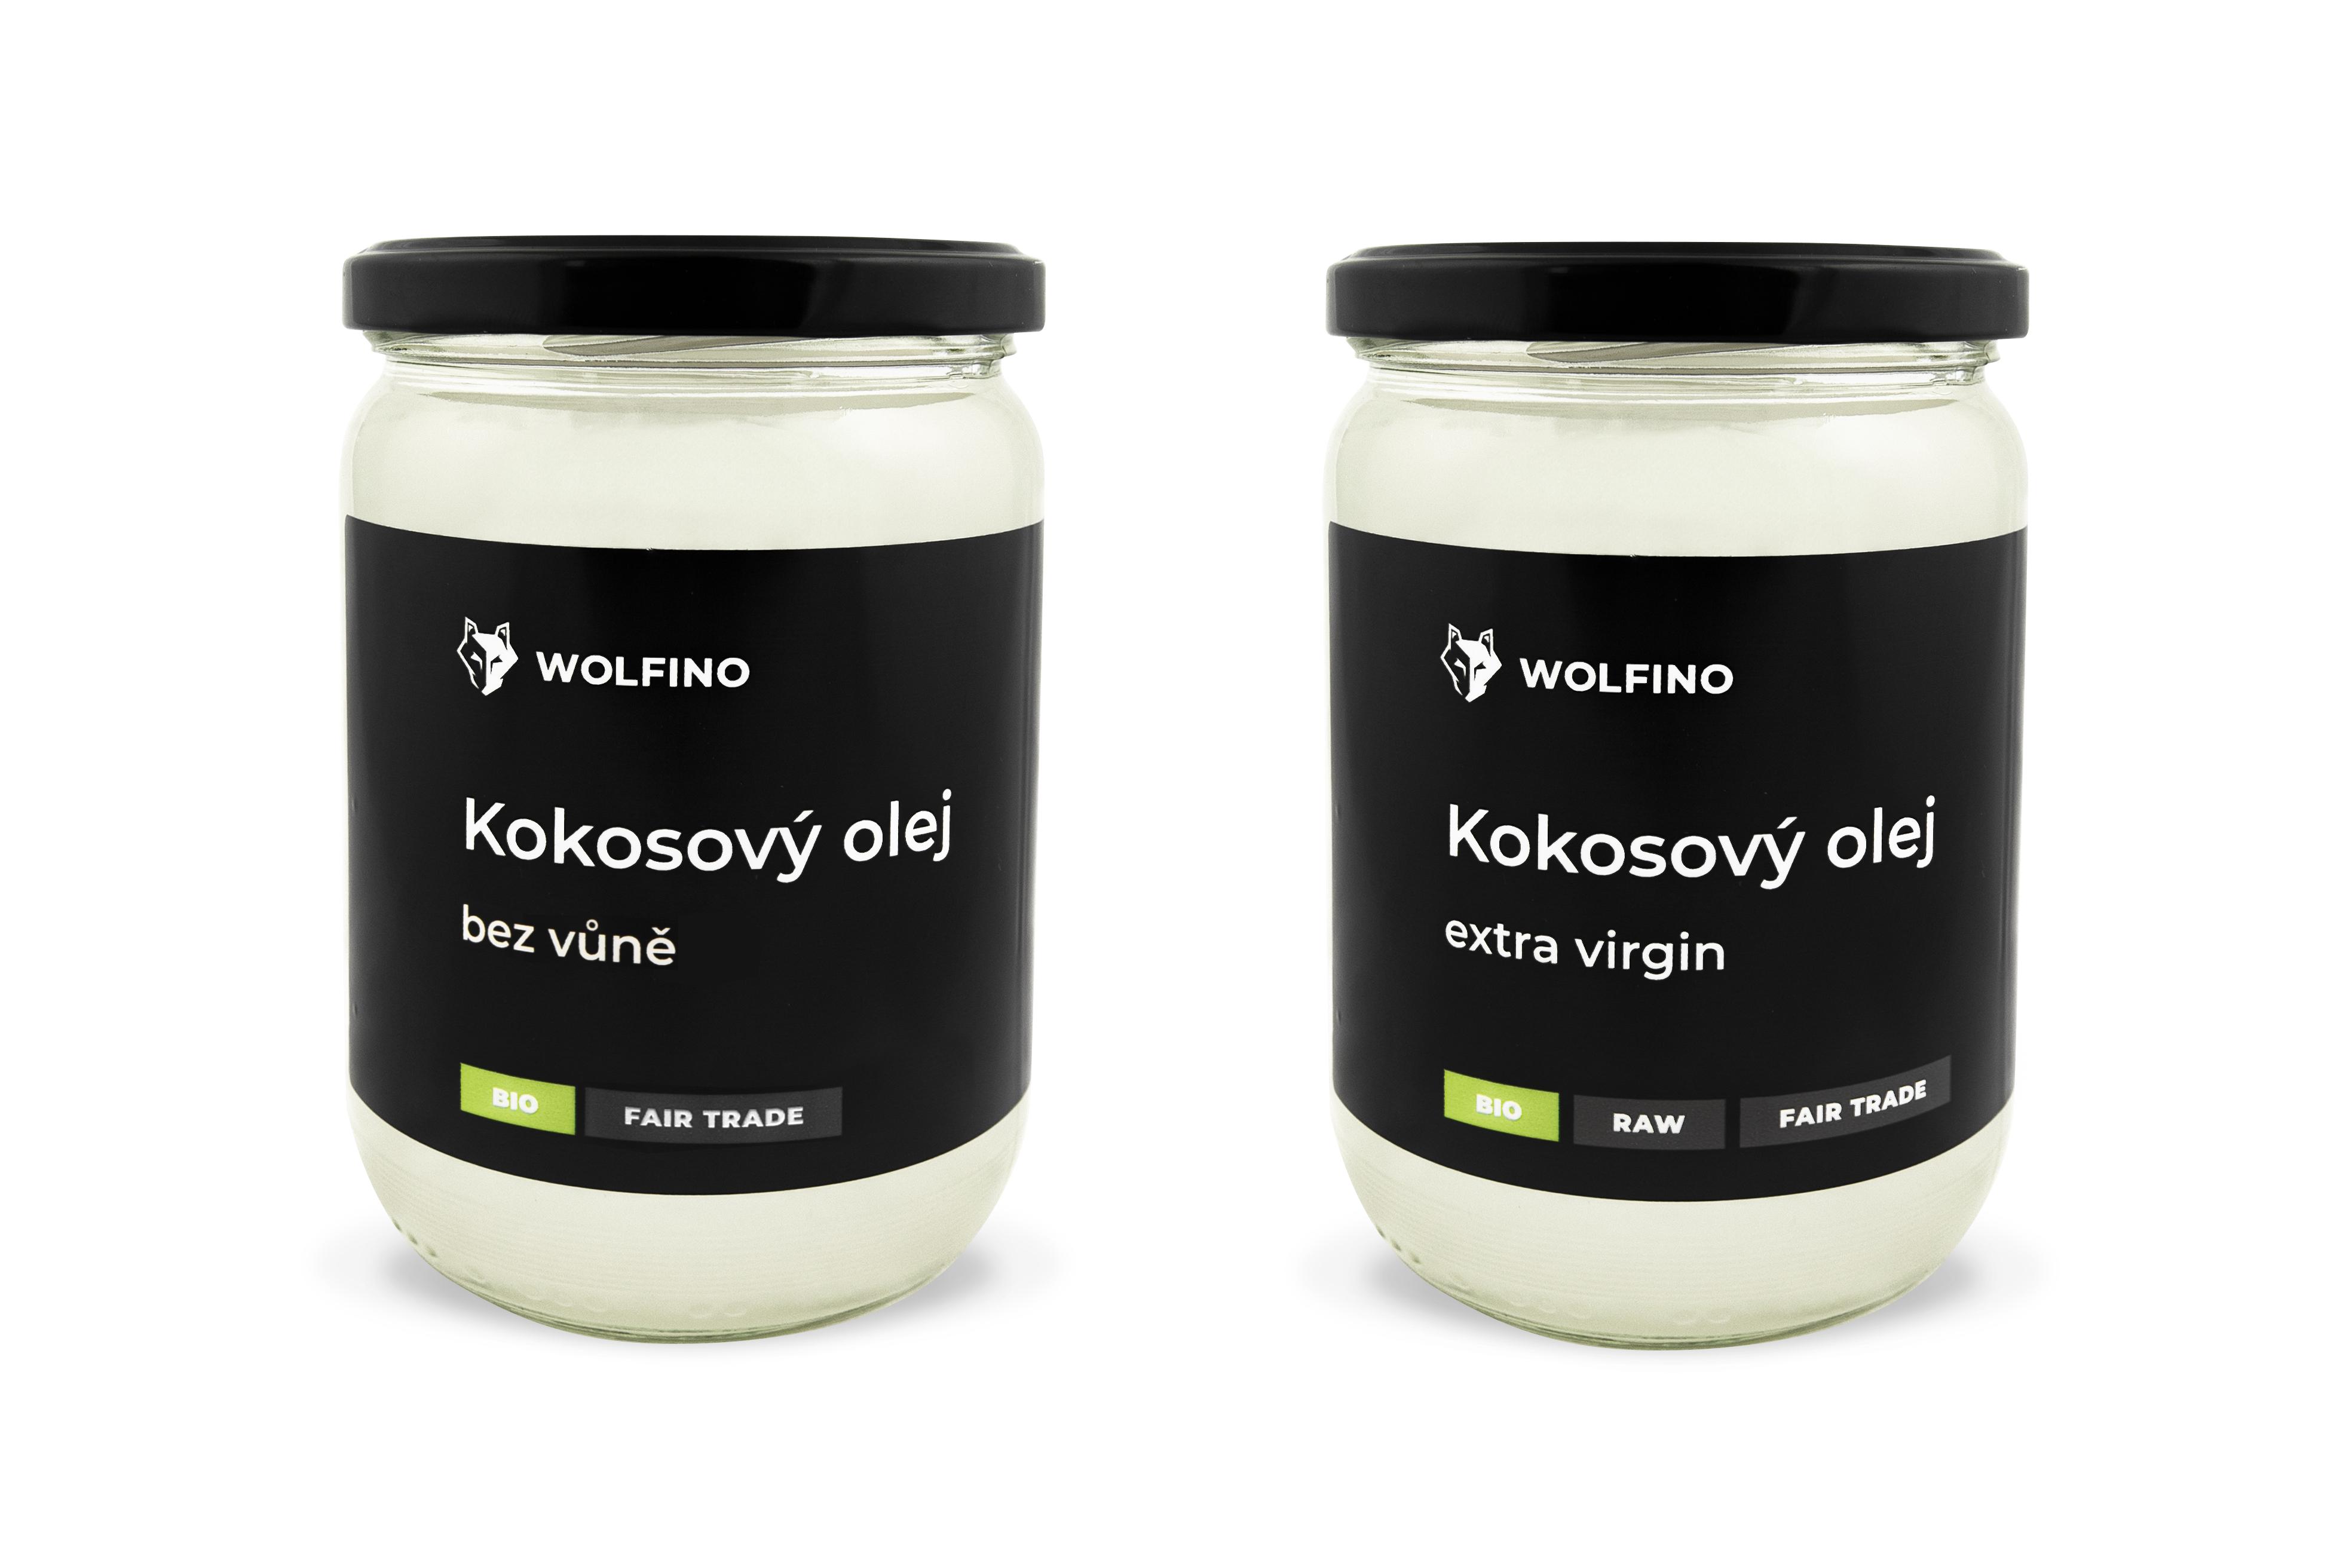 Kokosový olej: nasycený král